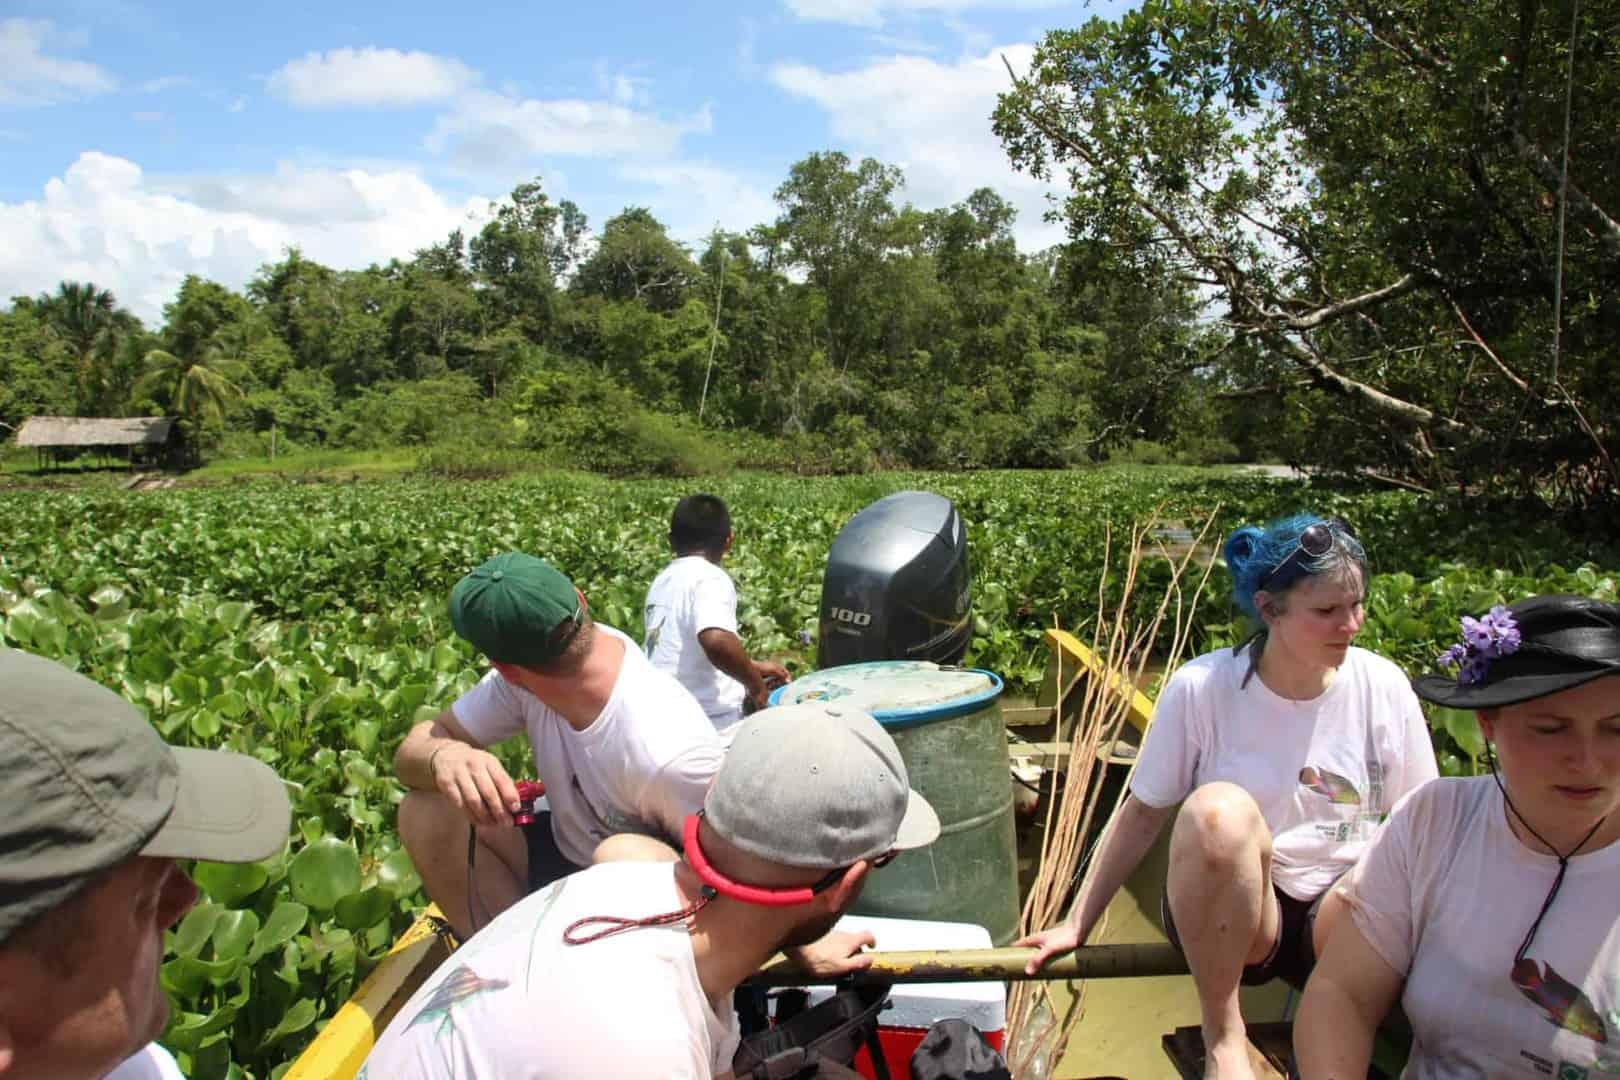 Podcast Episode #100: Expedition zum Orinoco-Delta in Venezuela (Uwe Hartmann) 11